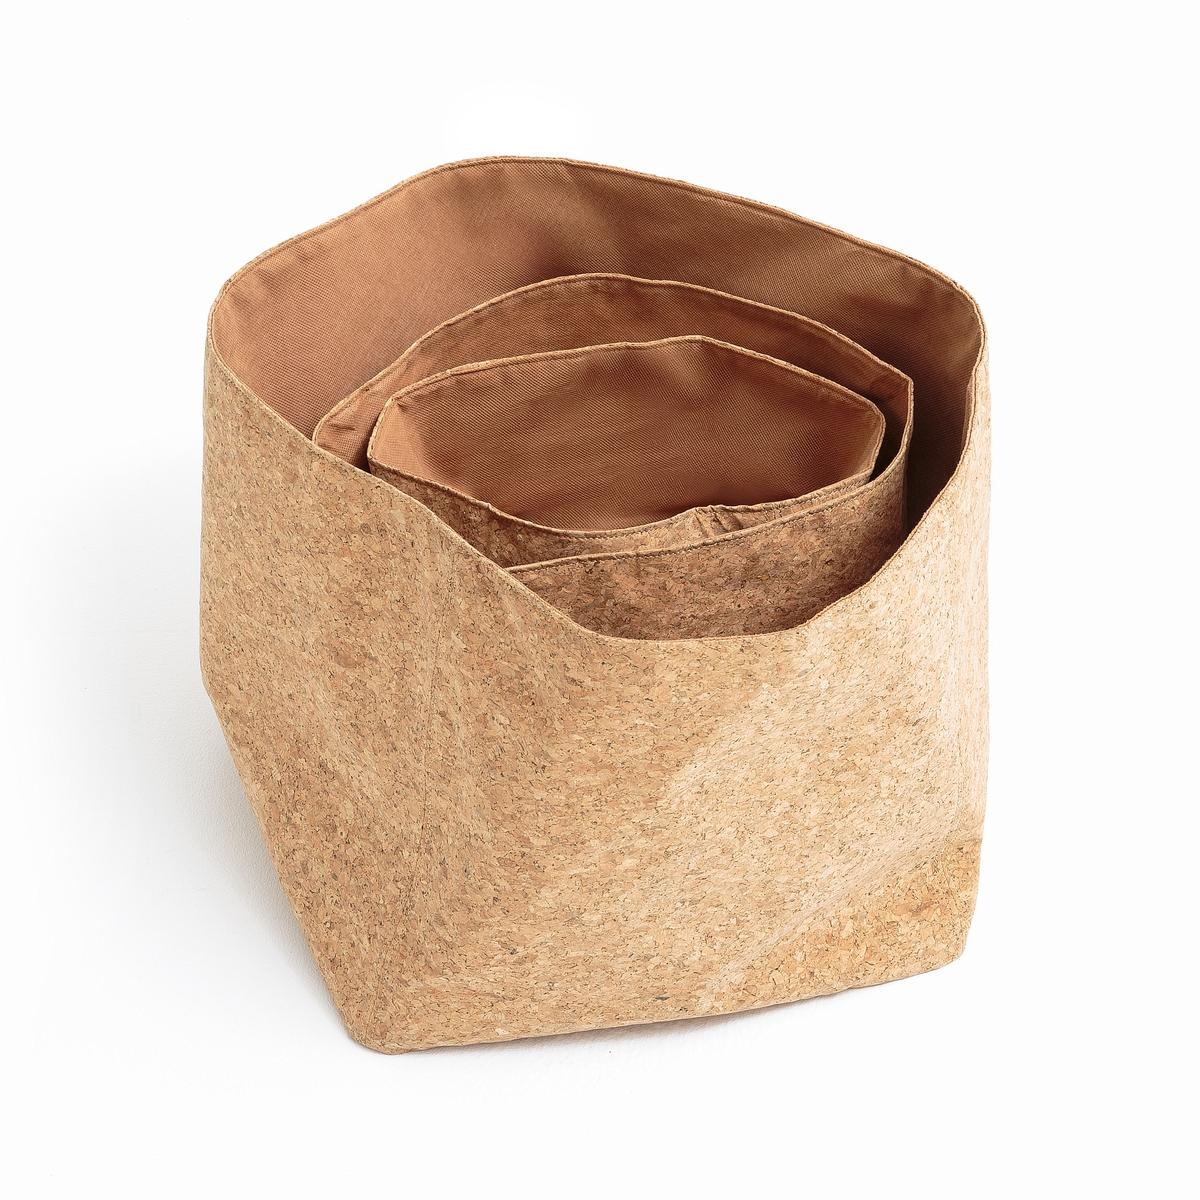 3 коробки для вещей из пробкиОписание:3 коробки для вещей из пробки  . из натурального материала, очень удобные коробки для хранения ваших аксессуаров или для использования в ванной …Описание коробки : Коробка из мягкой пробки Подкладка из полиэстера Размерв коробок :Большая: H30 x 34 x 34 см Средняя: H23 x 28 x 28 см Маленькая : H16 x 20 x 20 см Расцветка : Натуральная Размеры и вес ящика :60 x 38 x 39 см 7 кг<br><br>Цвет: серо-бежевый